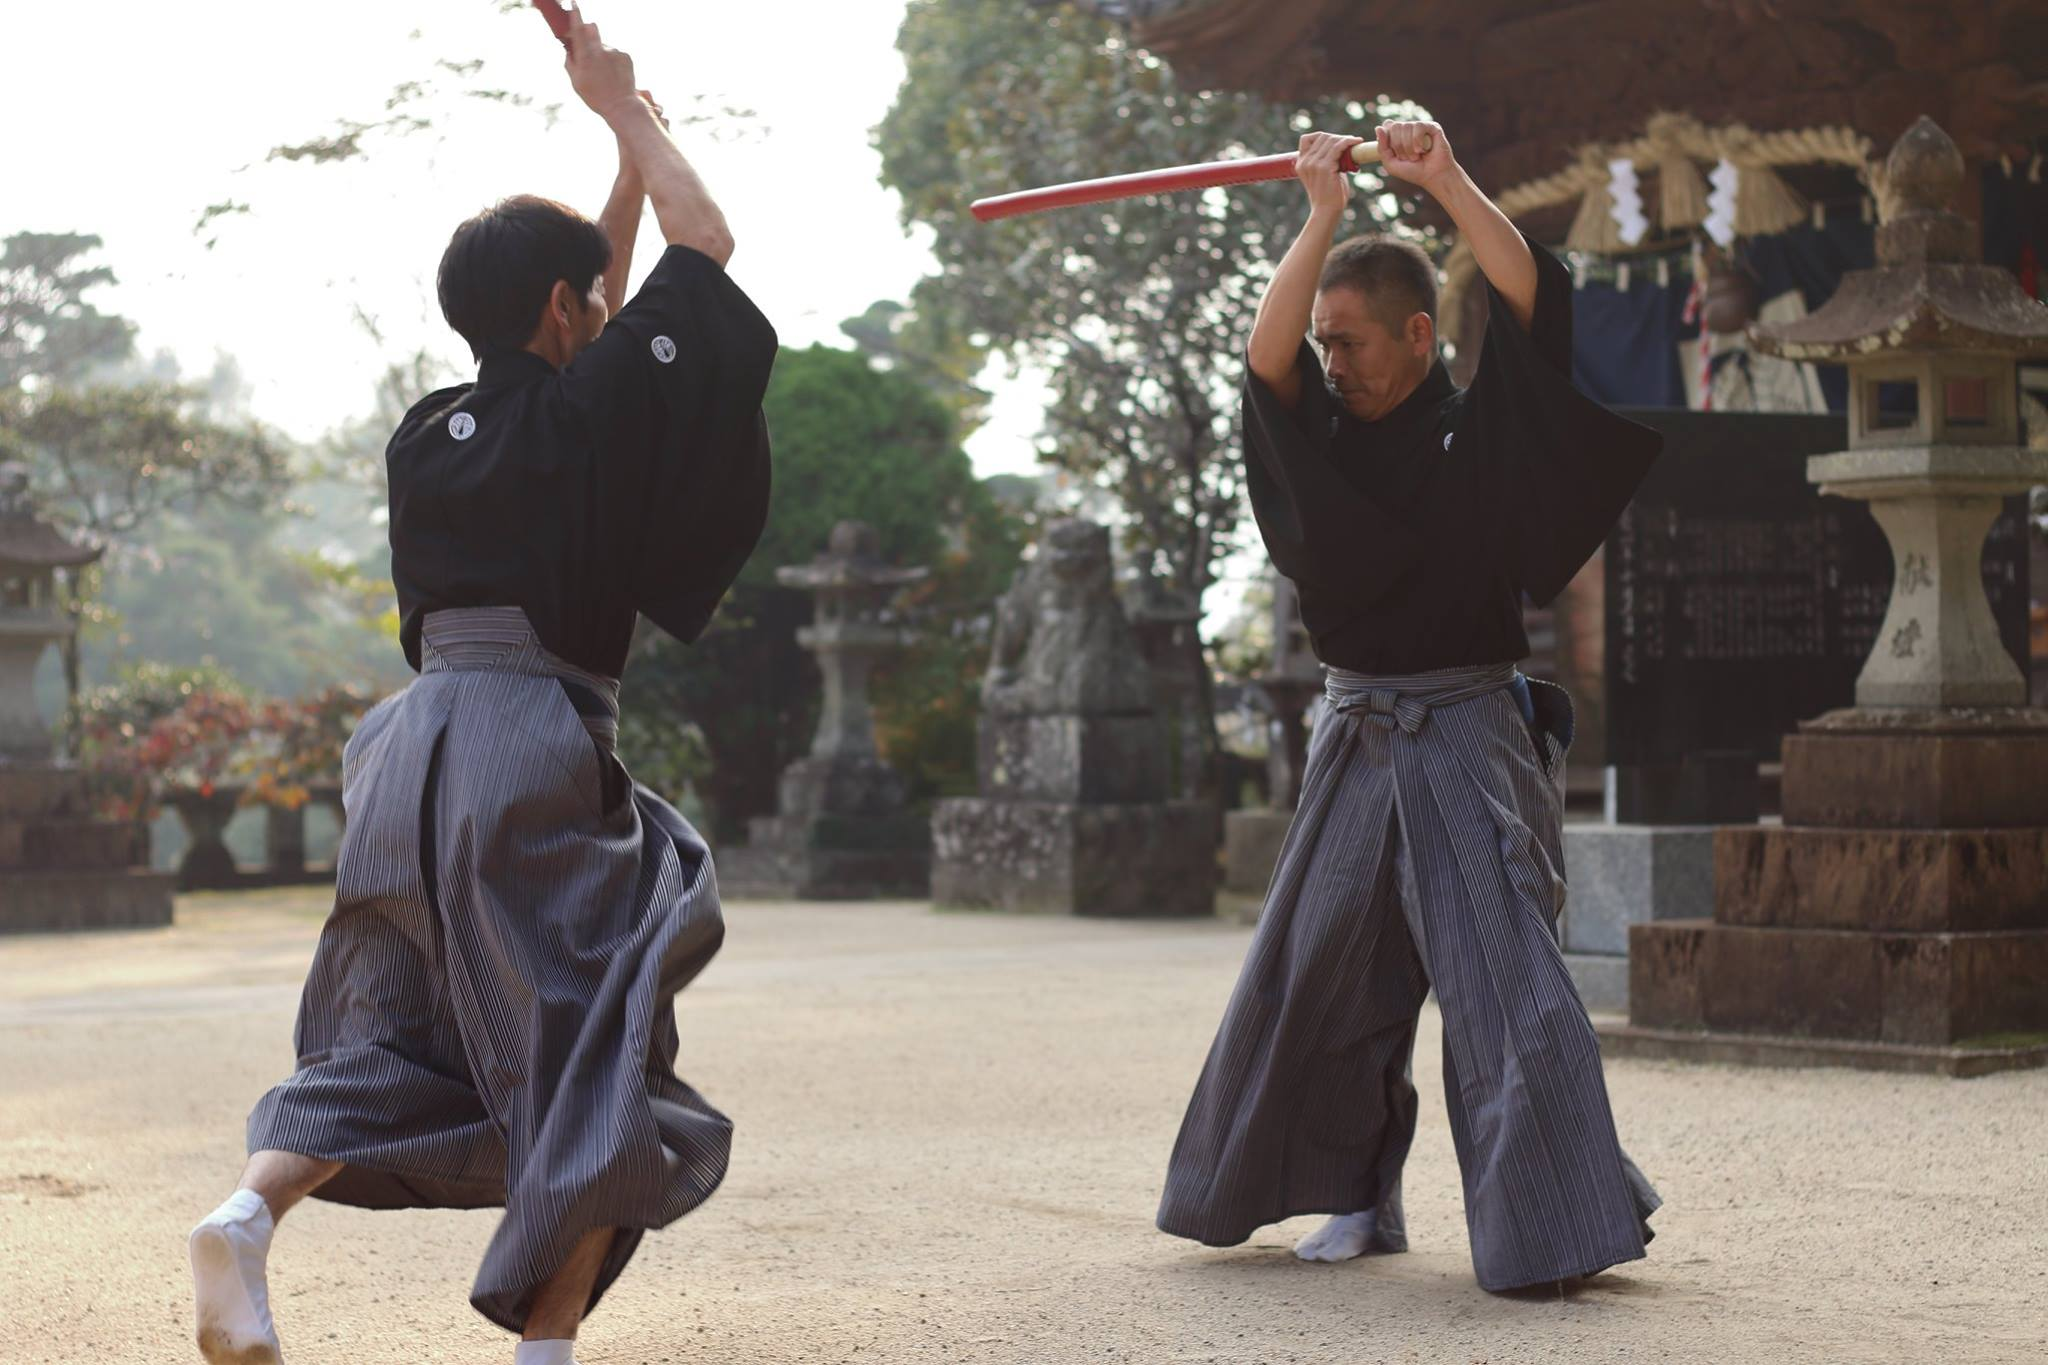 日本人です。トゥムルック。11/5 剣術コラボイベント「柳生新陰流×大石神影流」